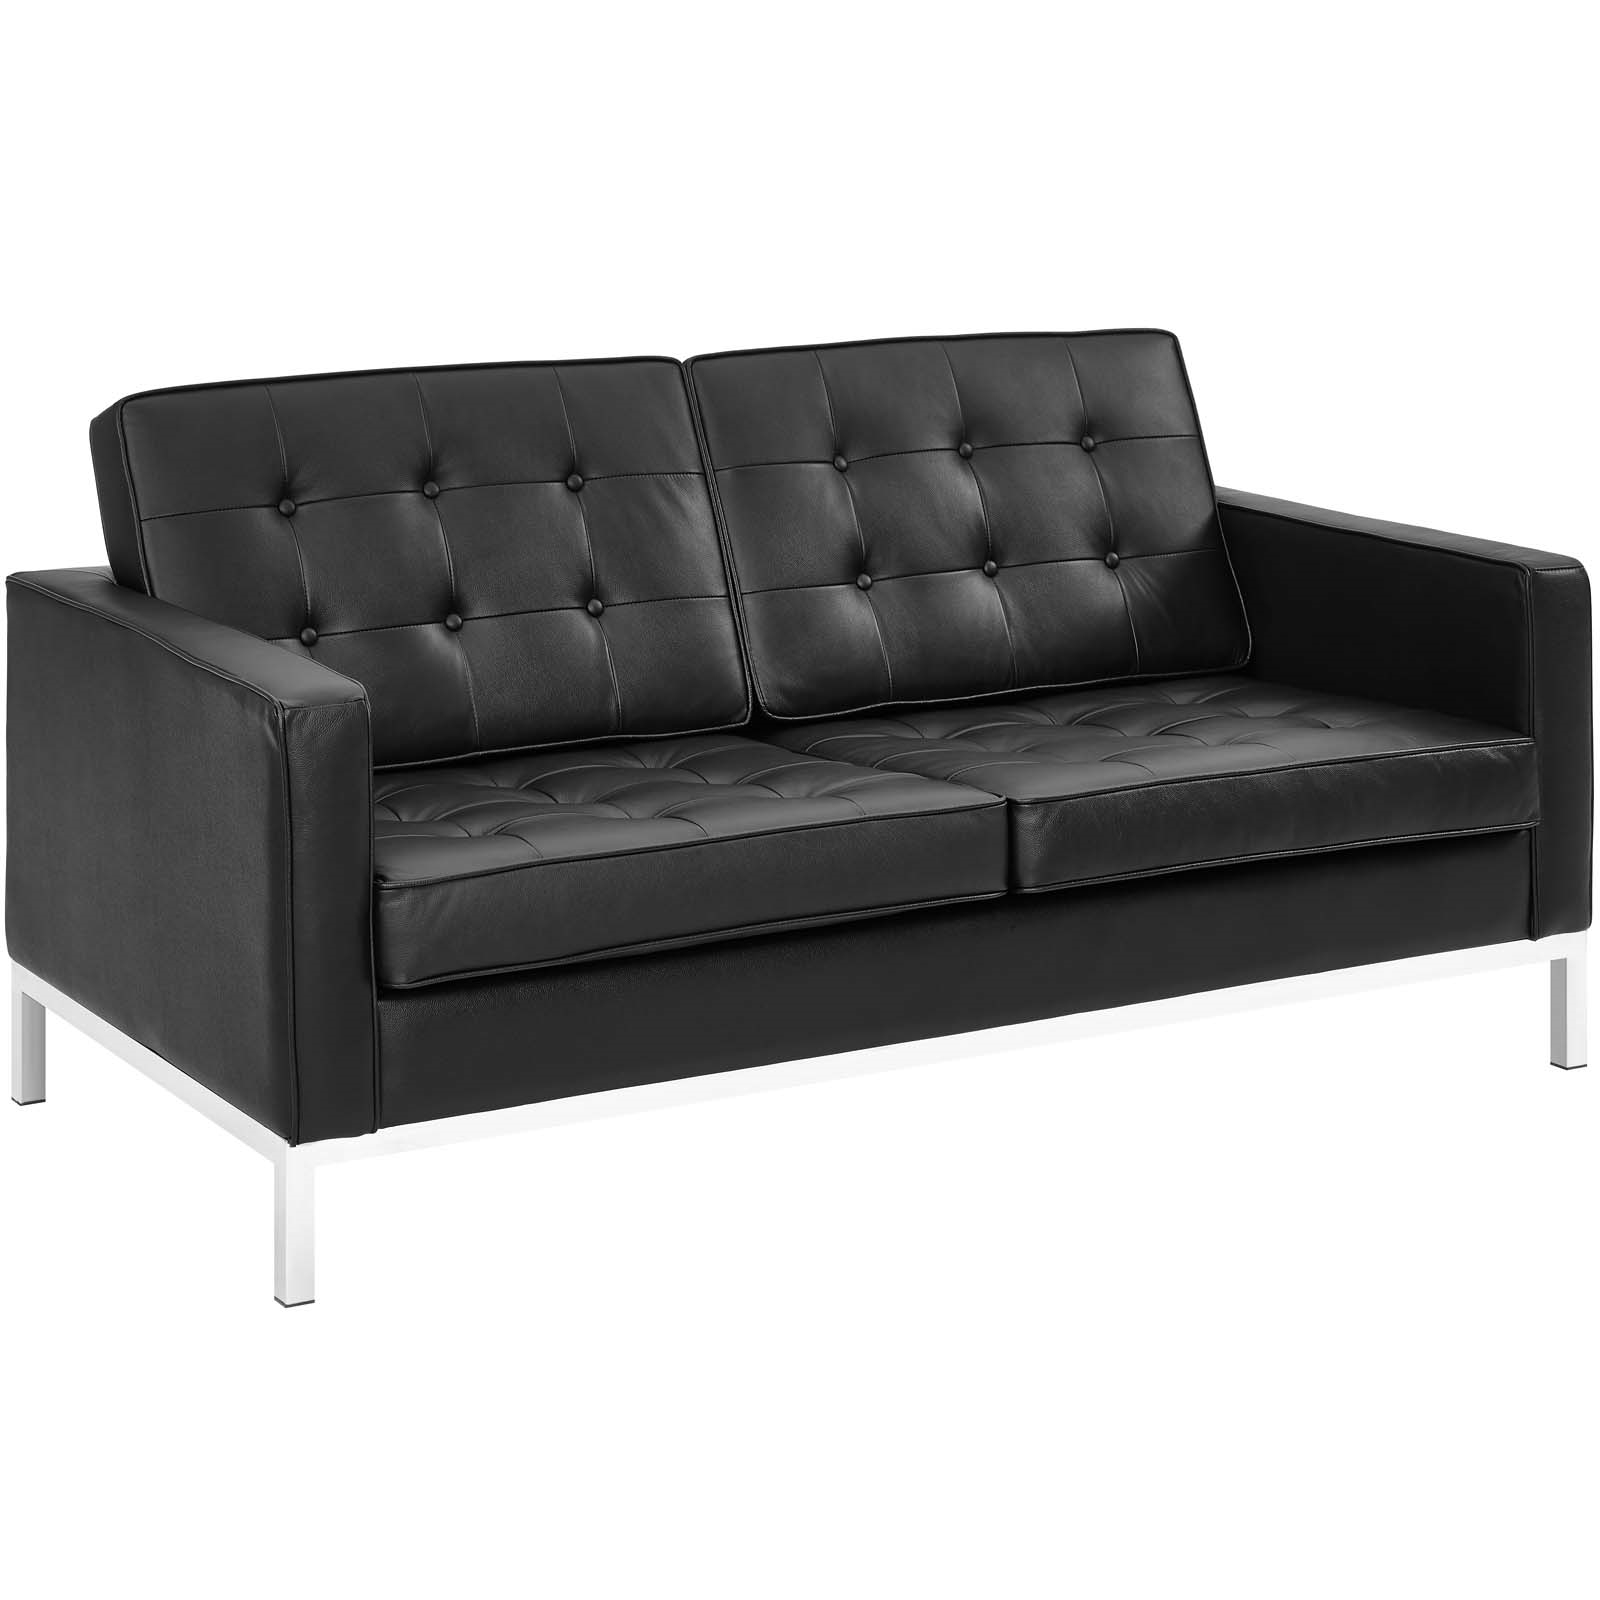 Loft Leather Loveseat in Black